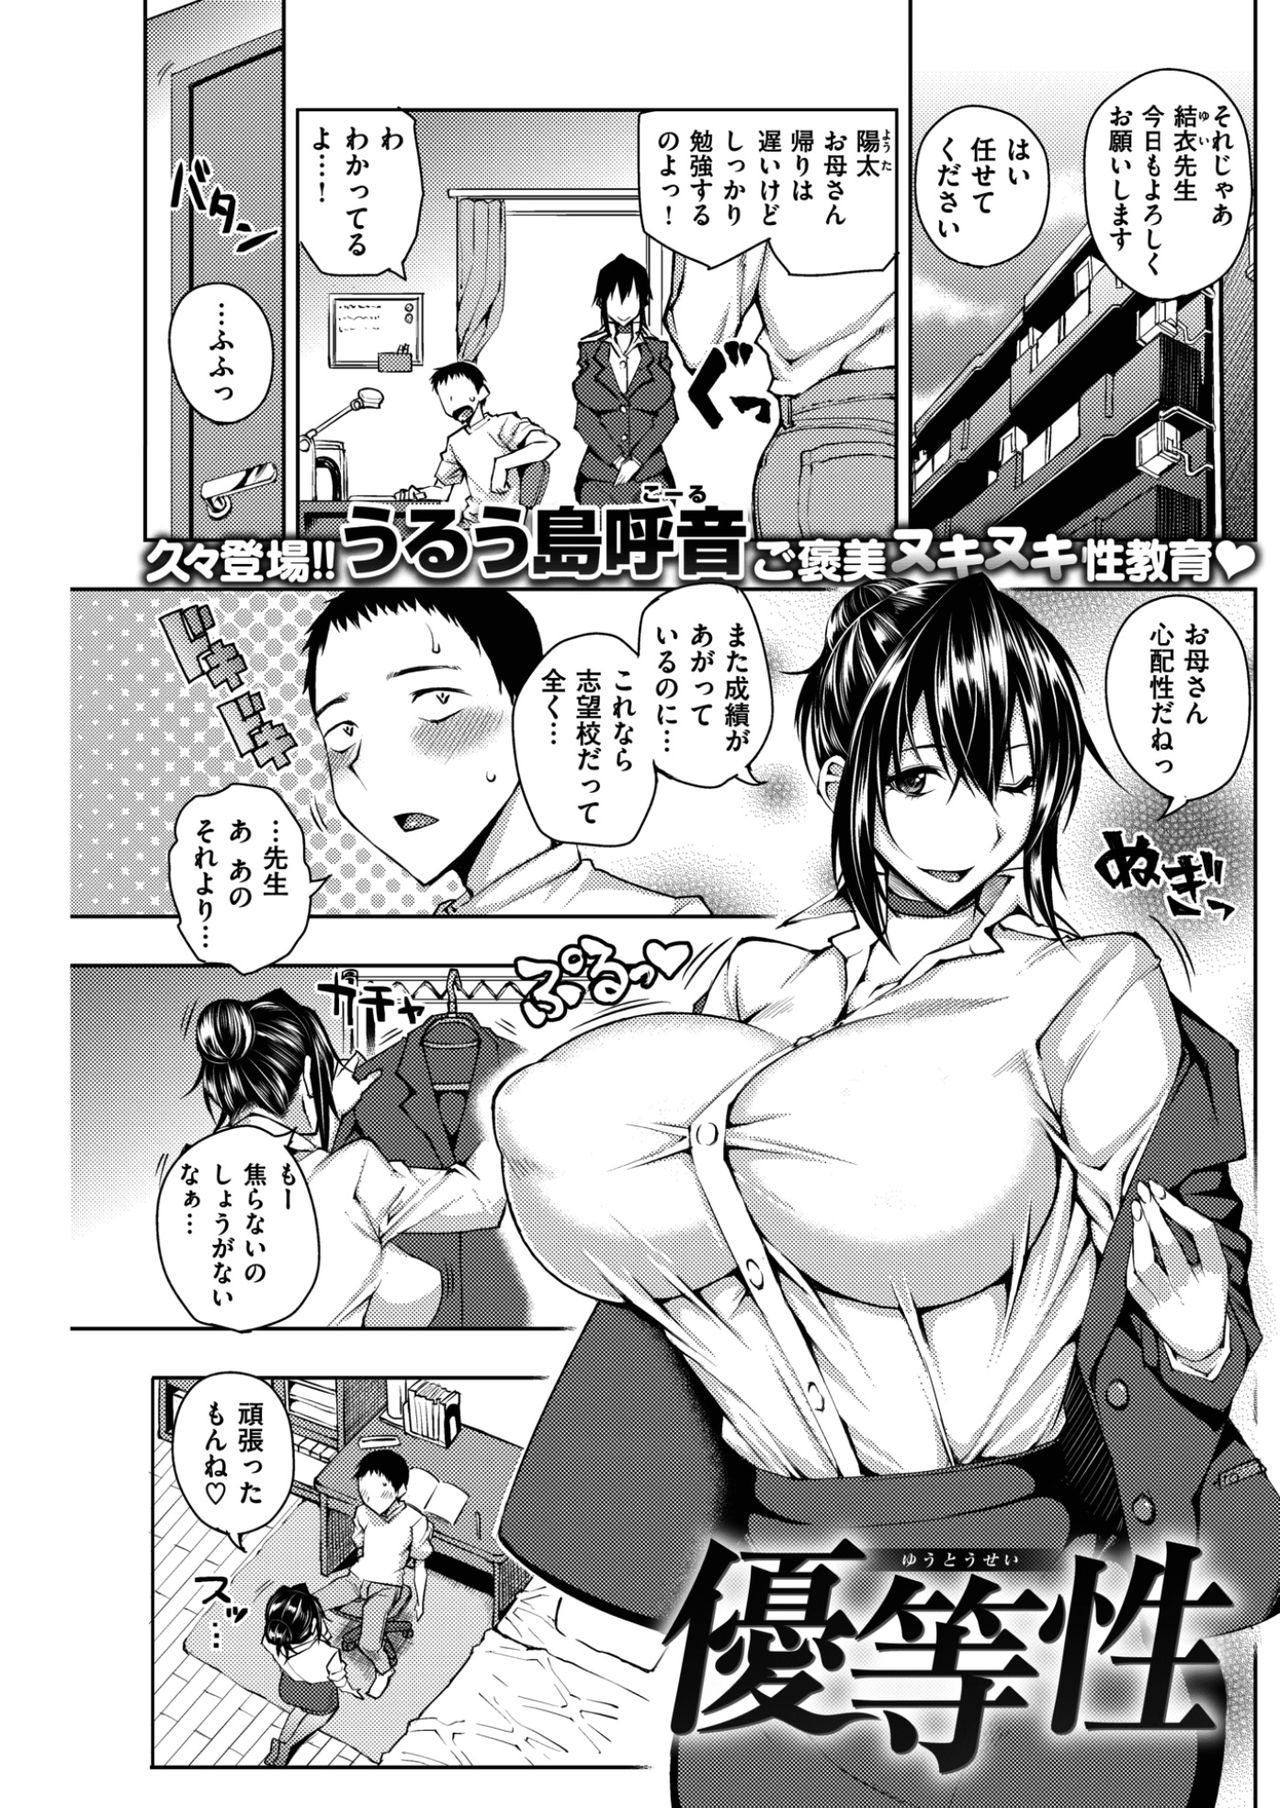 ビッチな家庭教師にお仕置きセックスで逆調教w【エロ漫画・同人誌】